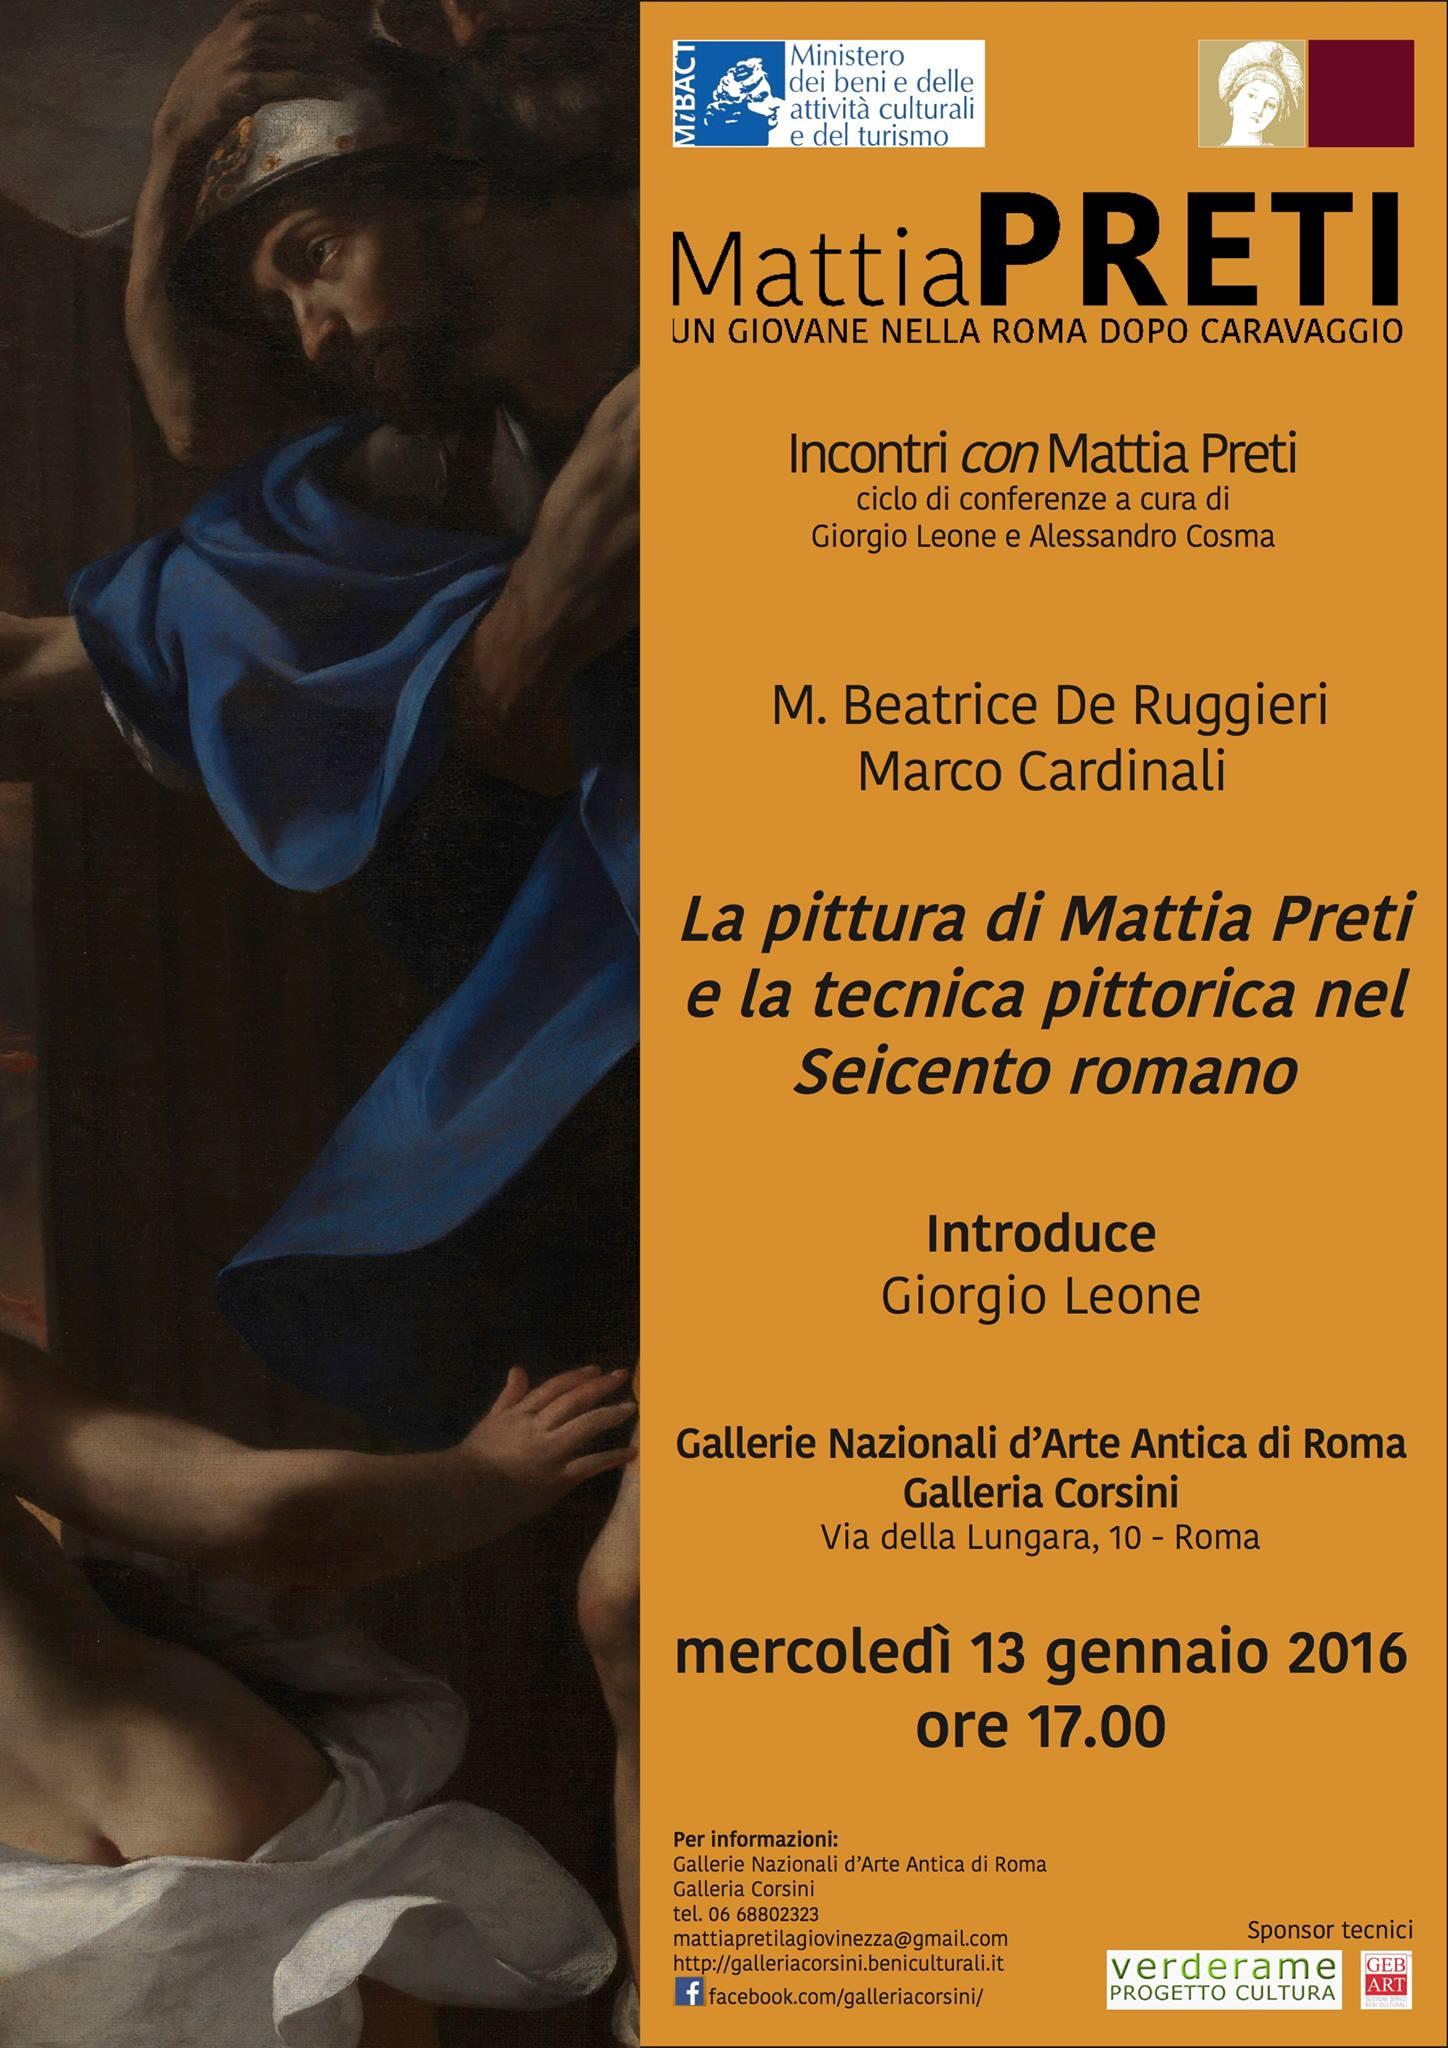 Mercoledì 13 gennaio alle 17.00 nella splendida cornice della Galleria di Arte Antica in Palazzo Corsini si terrà a Roma una conferenza sulla pittura di Mattia Preti e la tecnica […]